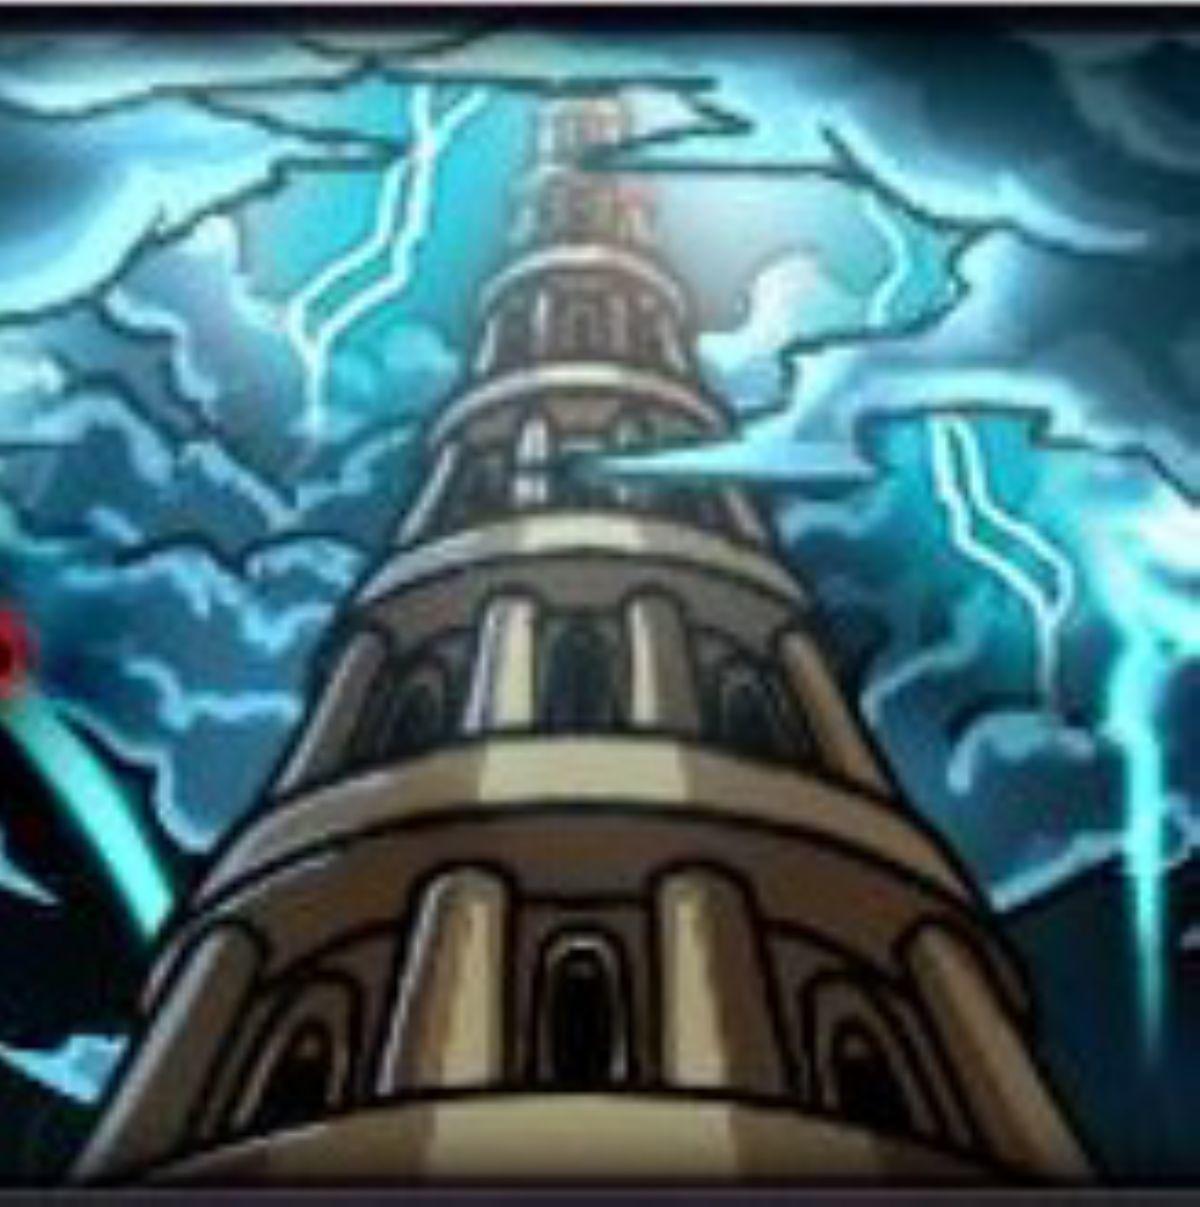 覇者の塔手伝います 1階から40階までを手伝います。